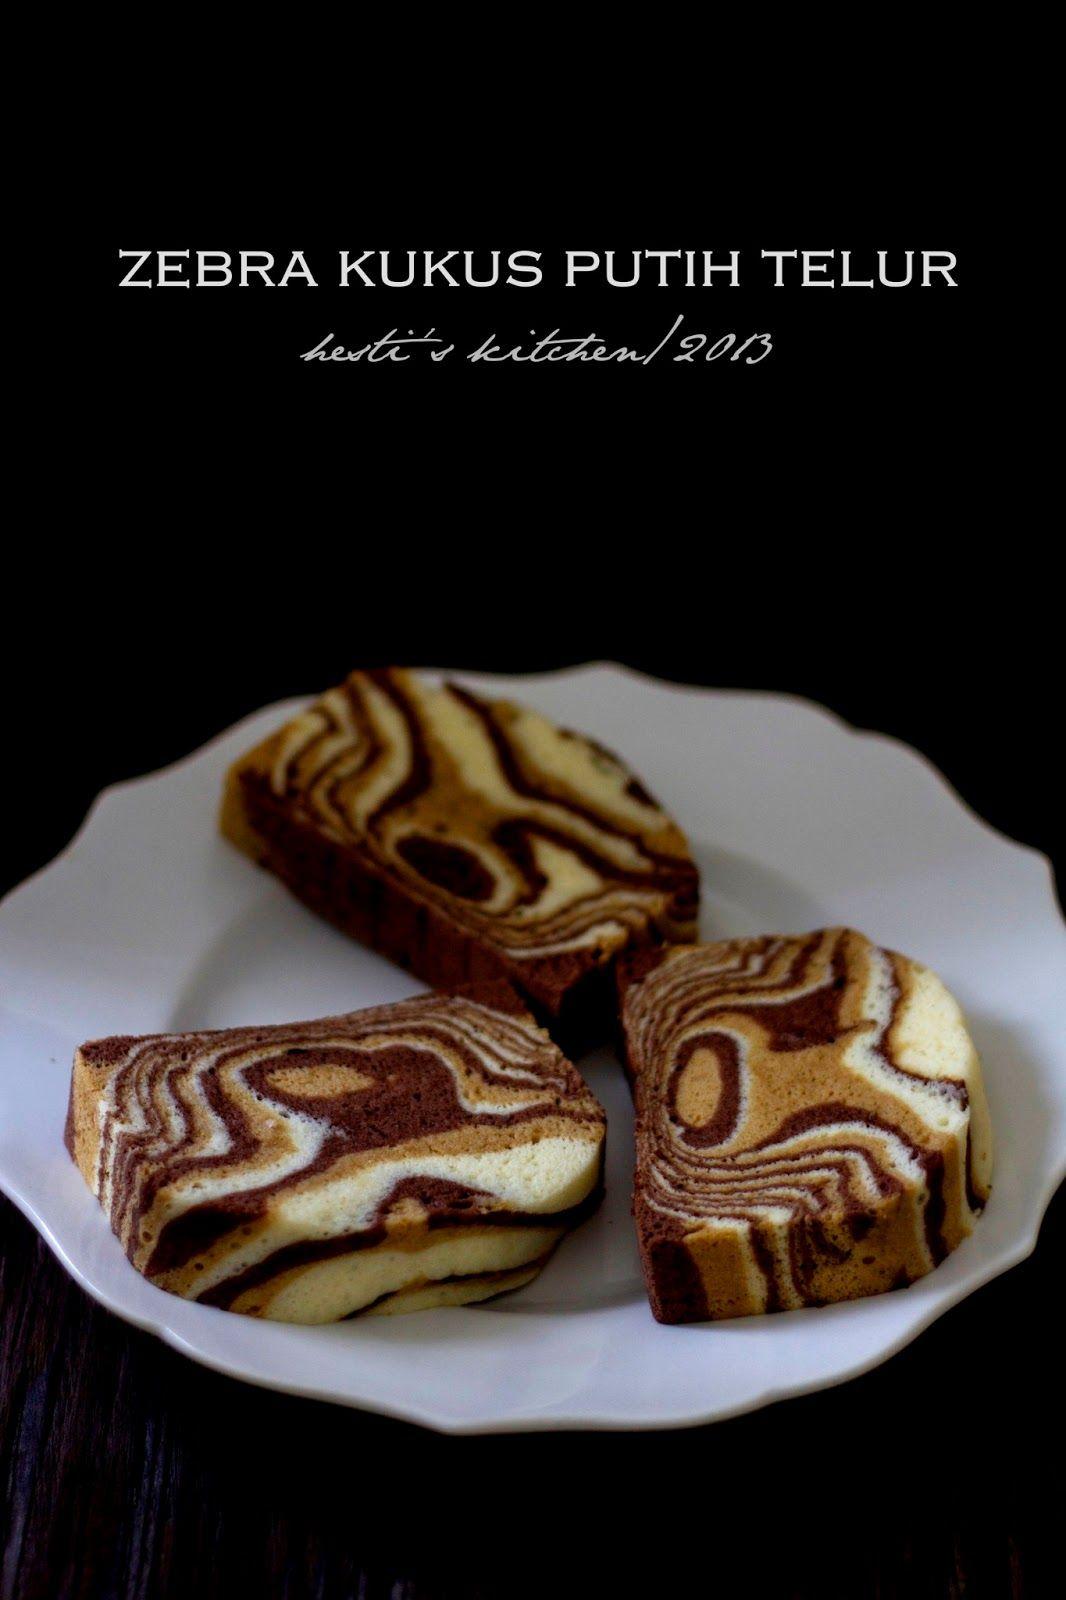 Hesti S Kitchen Yummy For Your Tummy Zebra Kukus Putih Telur Kue Zebra Putih Telur Makanan Manis